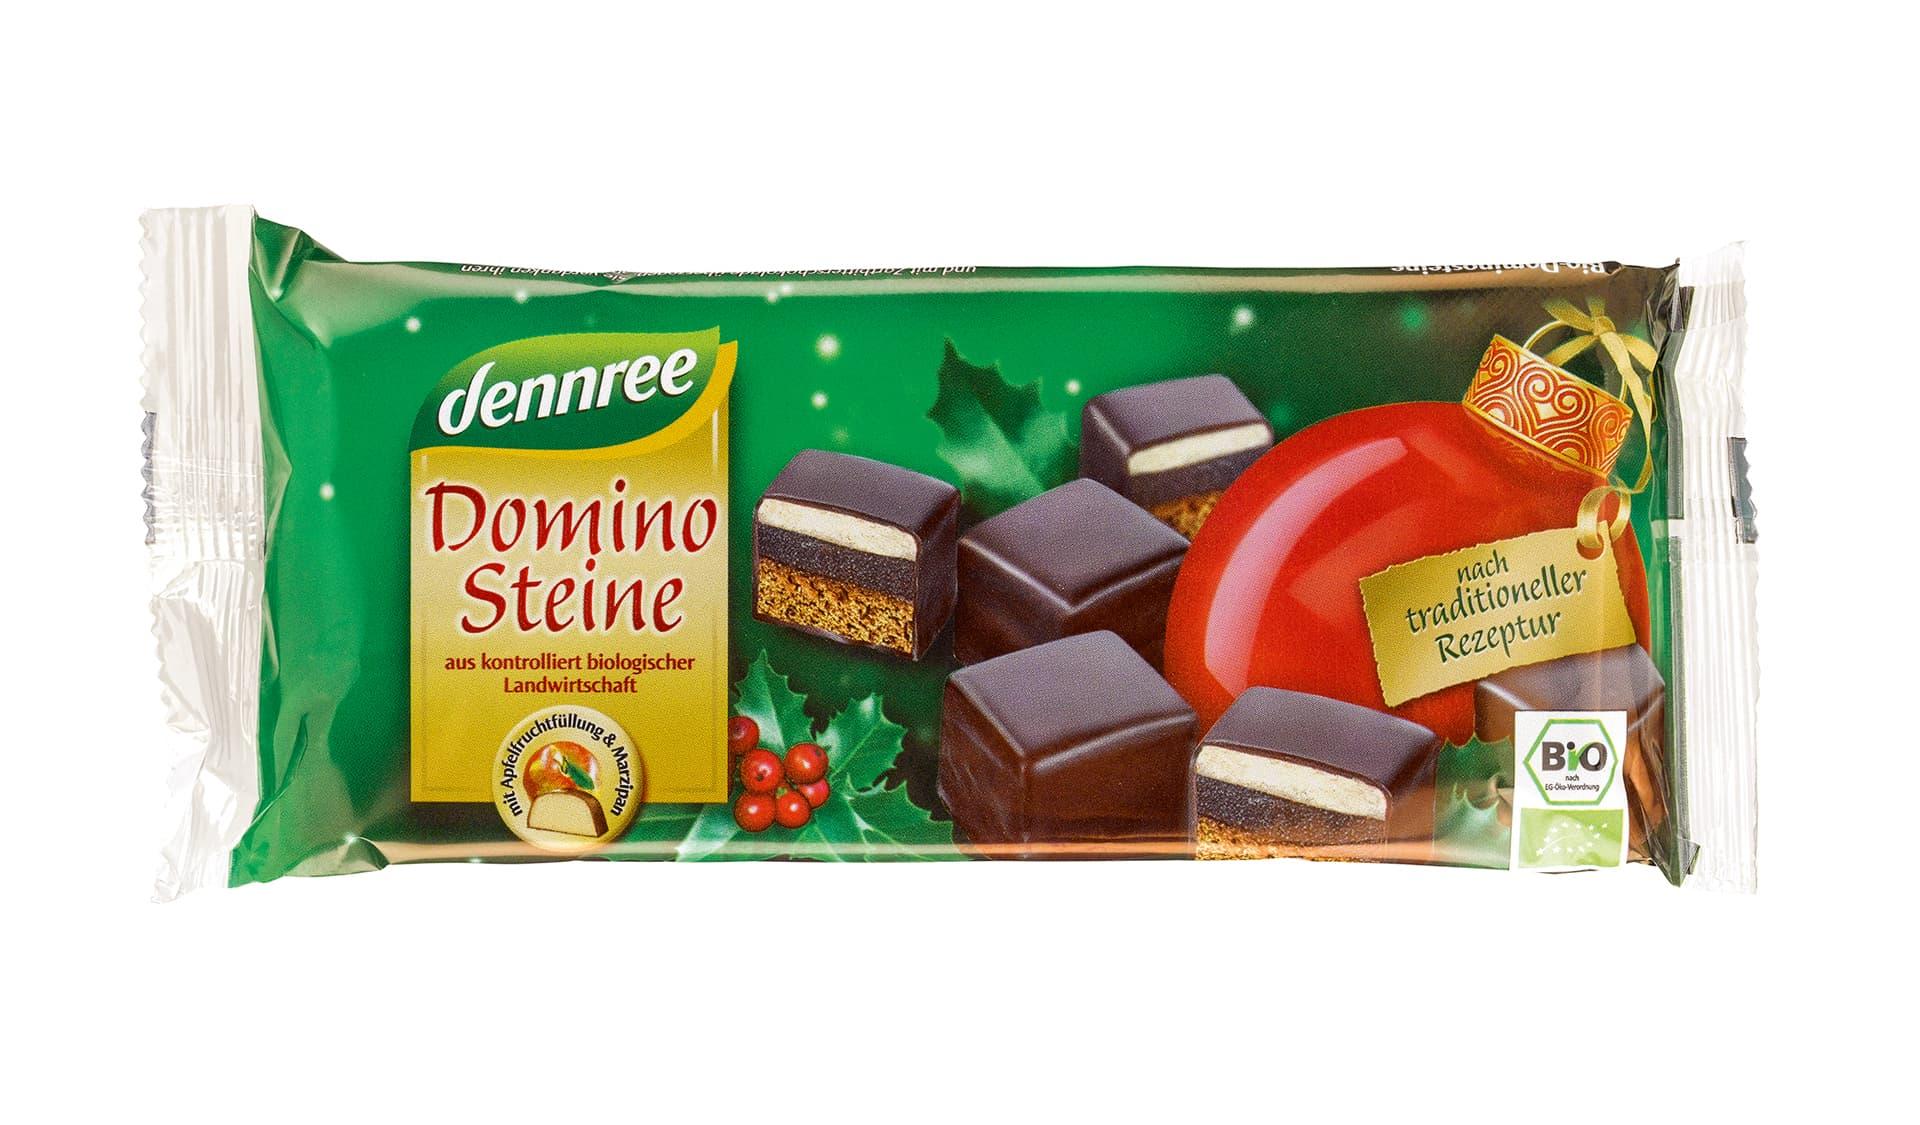 Dennree Dominosteine (www.dennree.de)